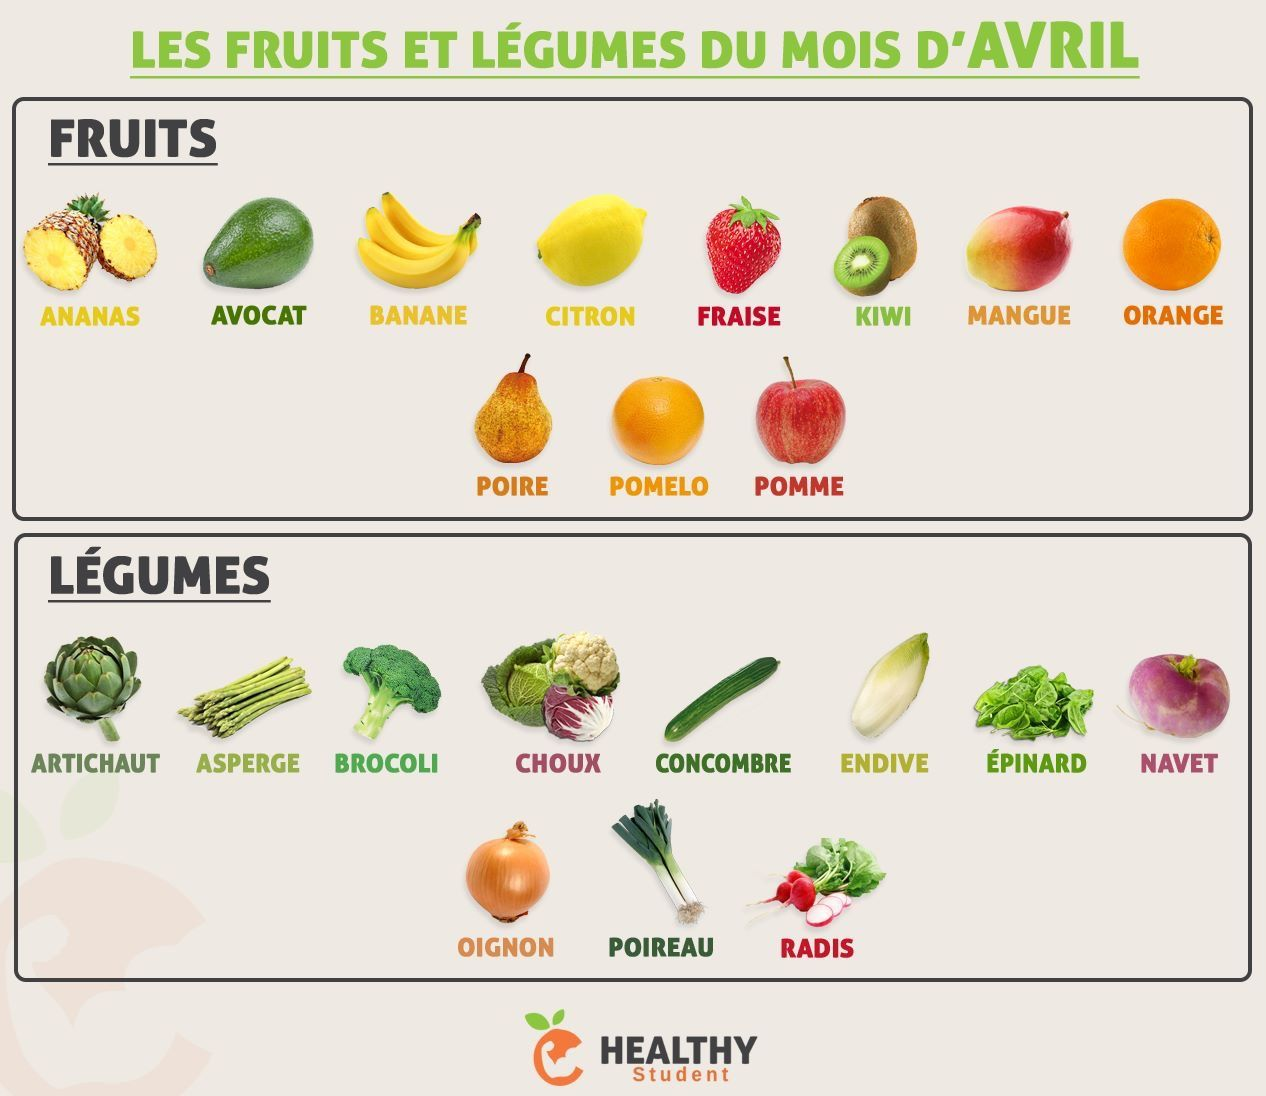 9507d8f2253 Voici le calendrier des fruits et légumes du mois d avril ! Ce sera ...